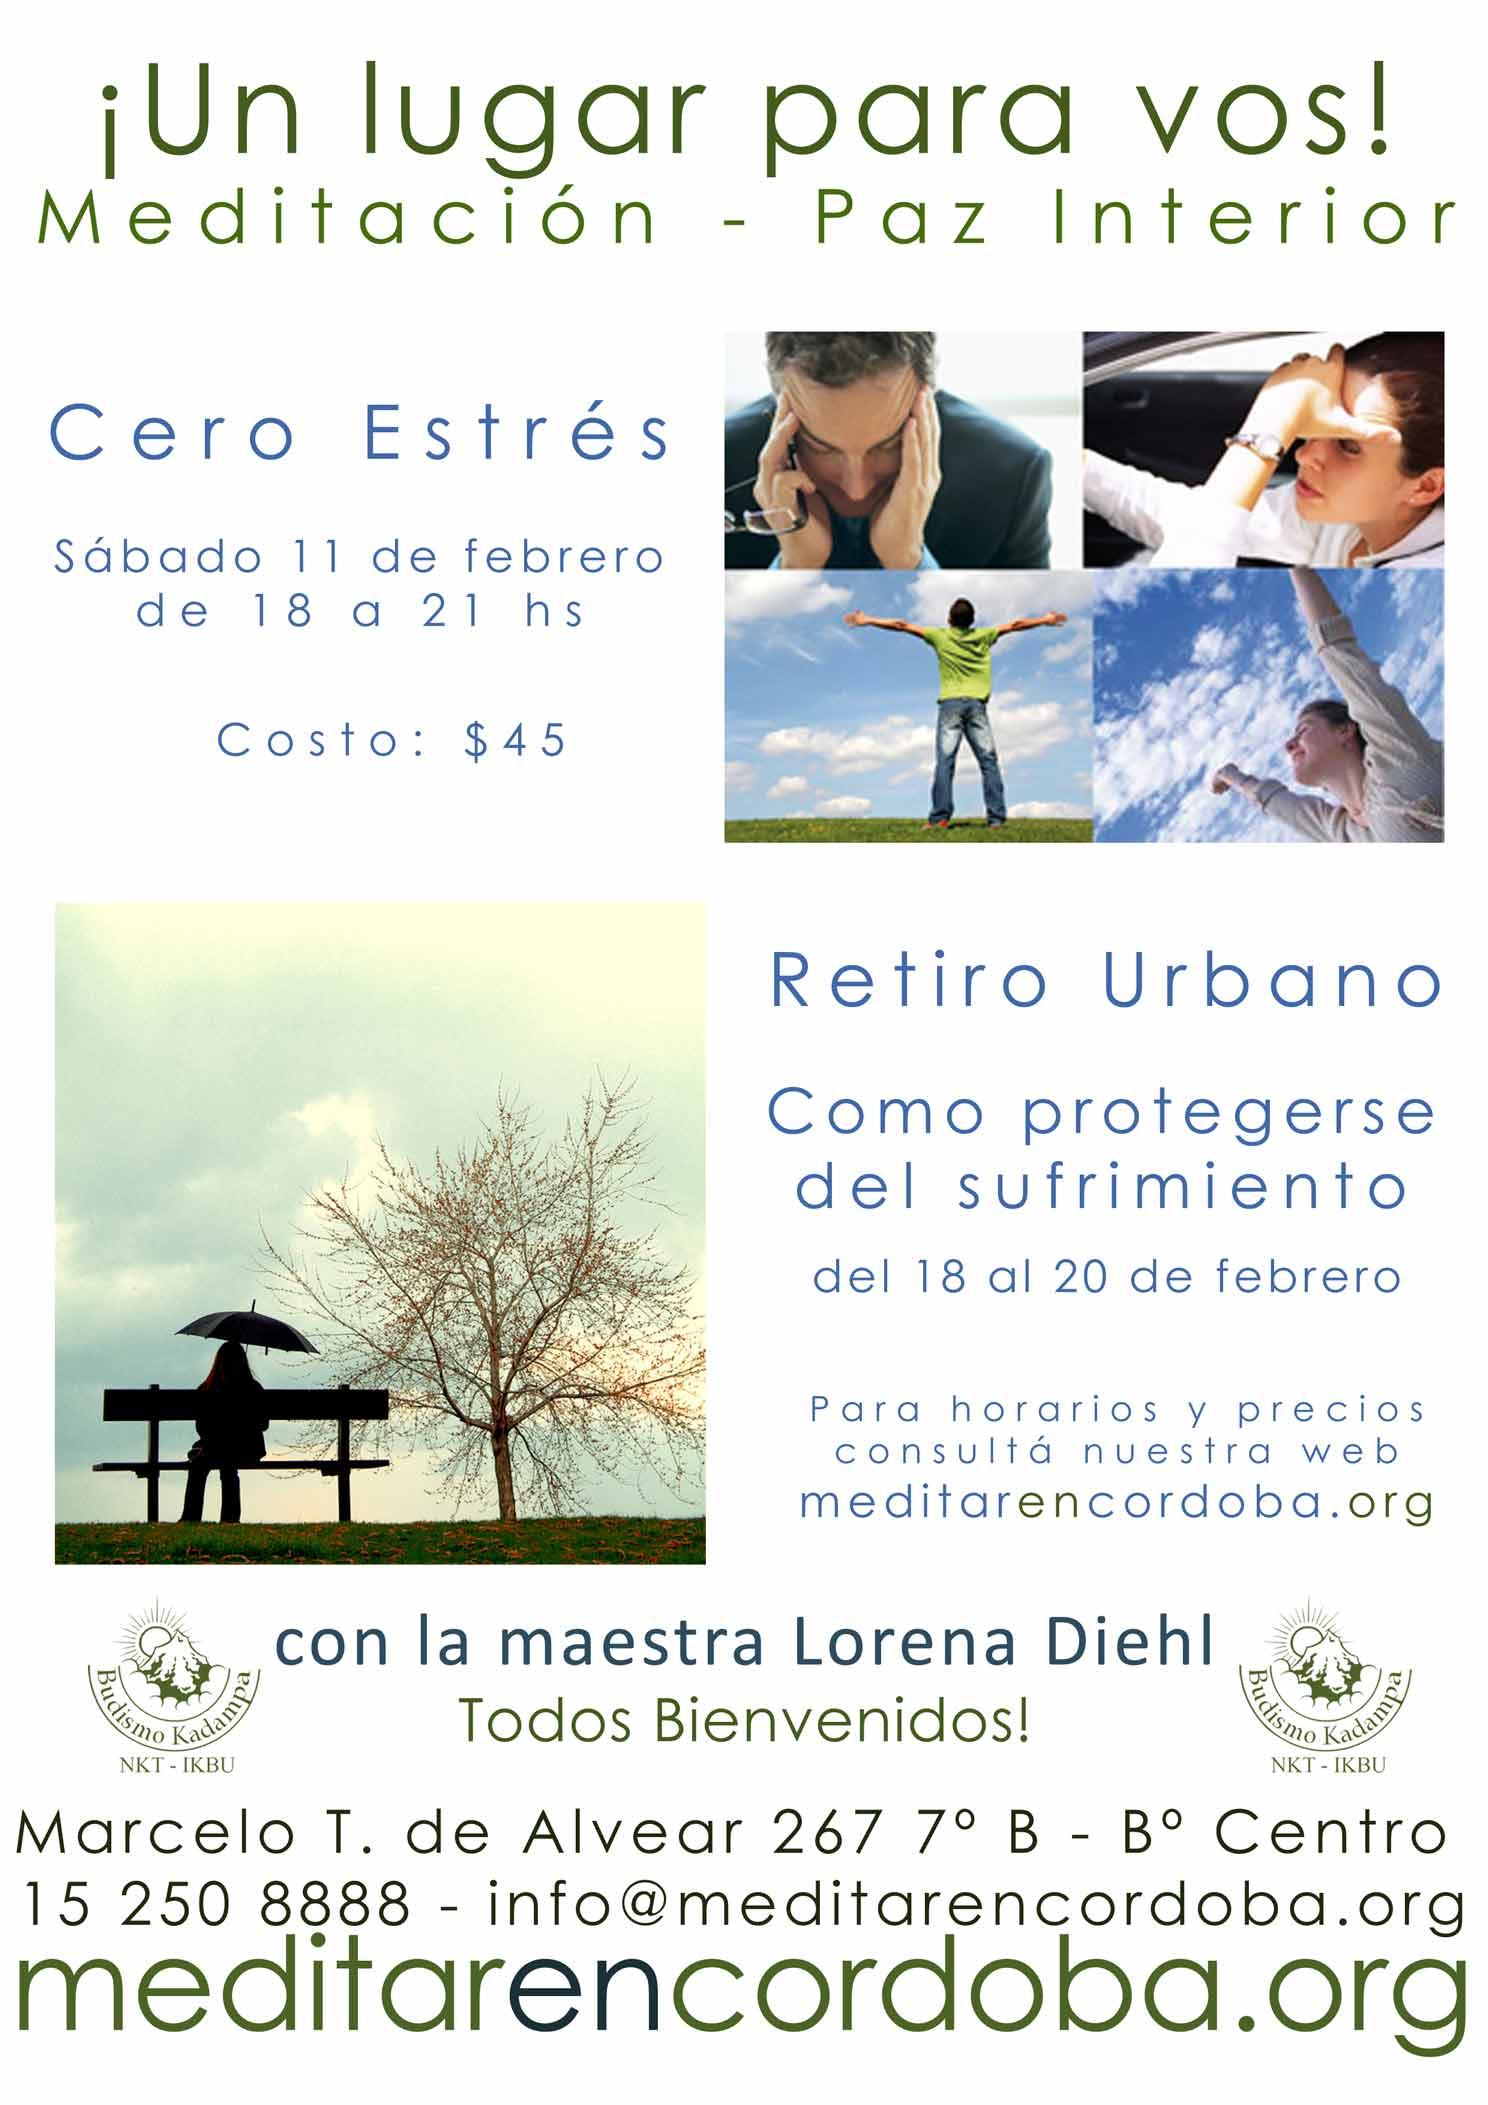 Cero estres meditacion paz interior retiro urbano for Meditacion paz interior